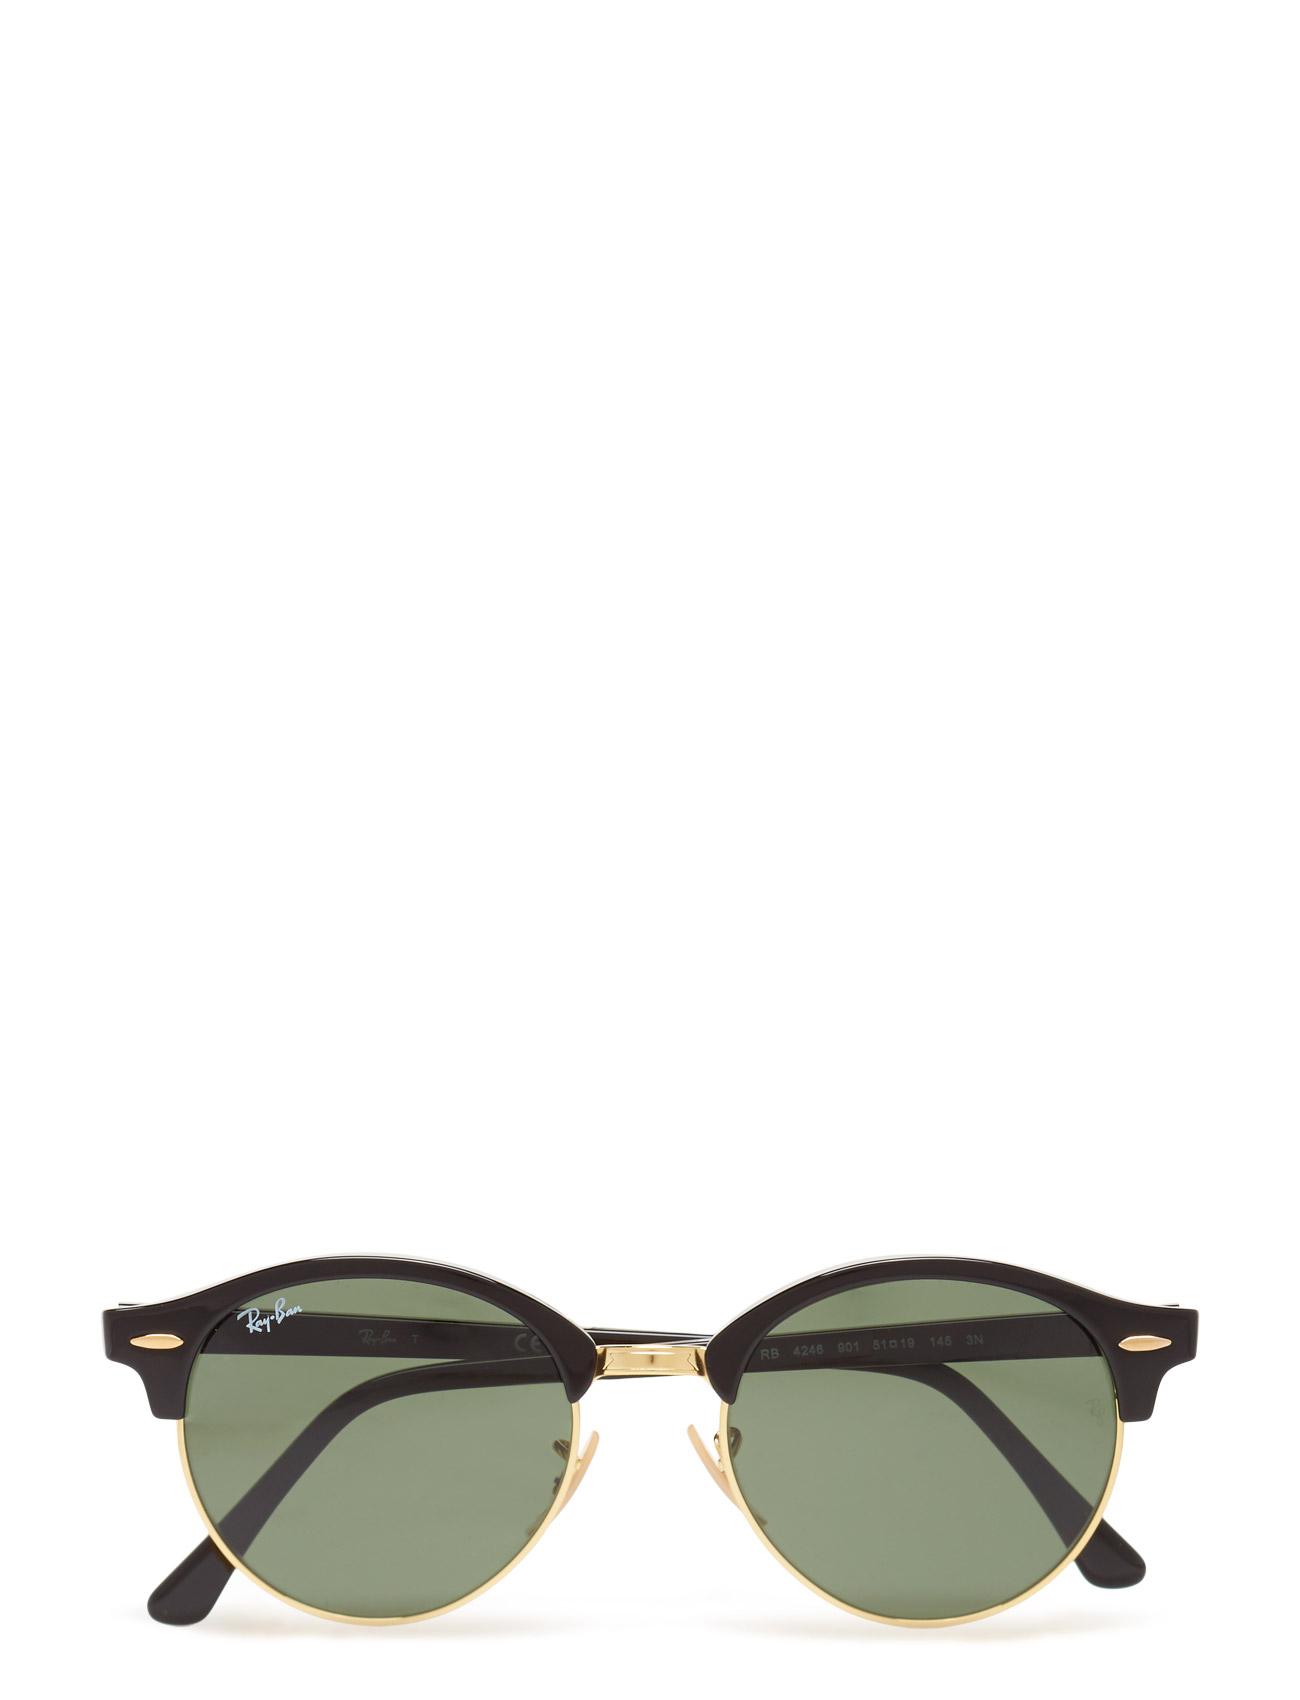 Clubround Ray-Ban Solbriller til Herrer i Sort